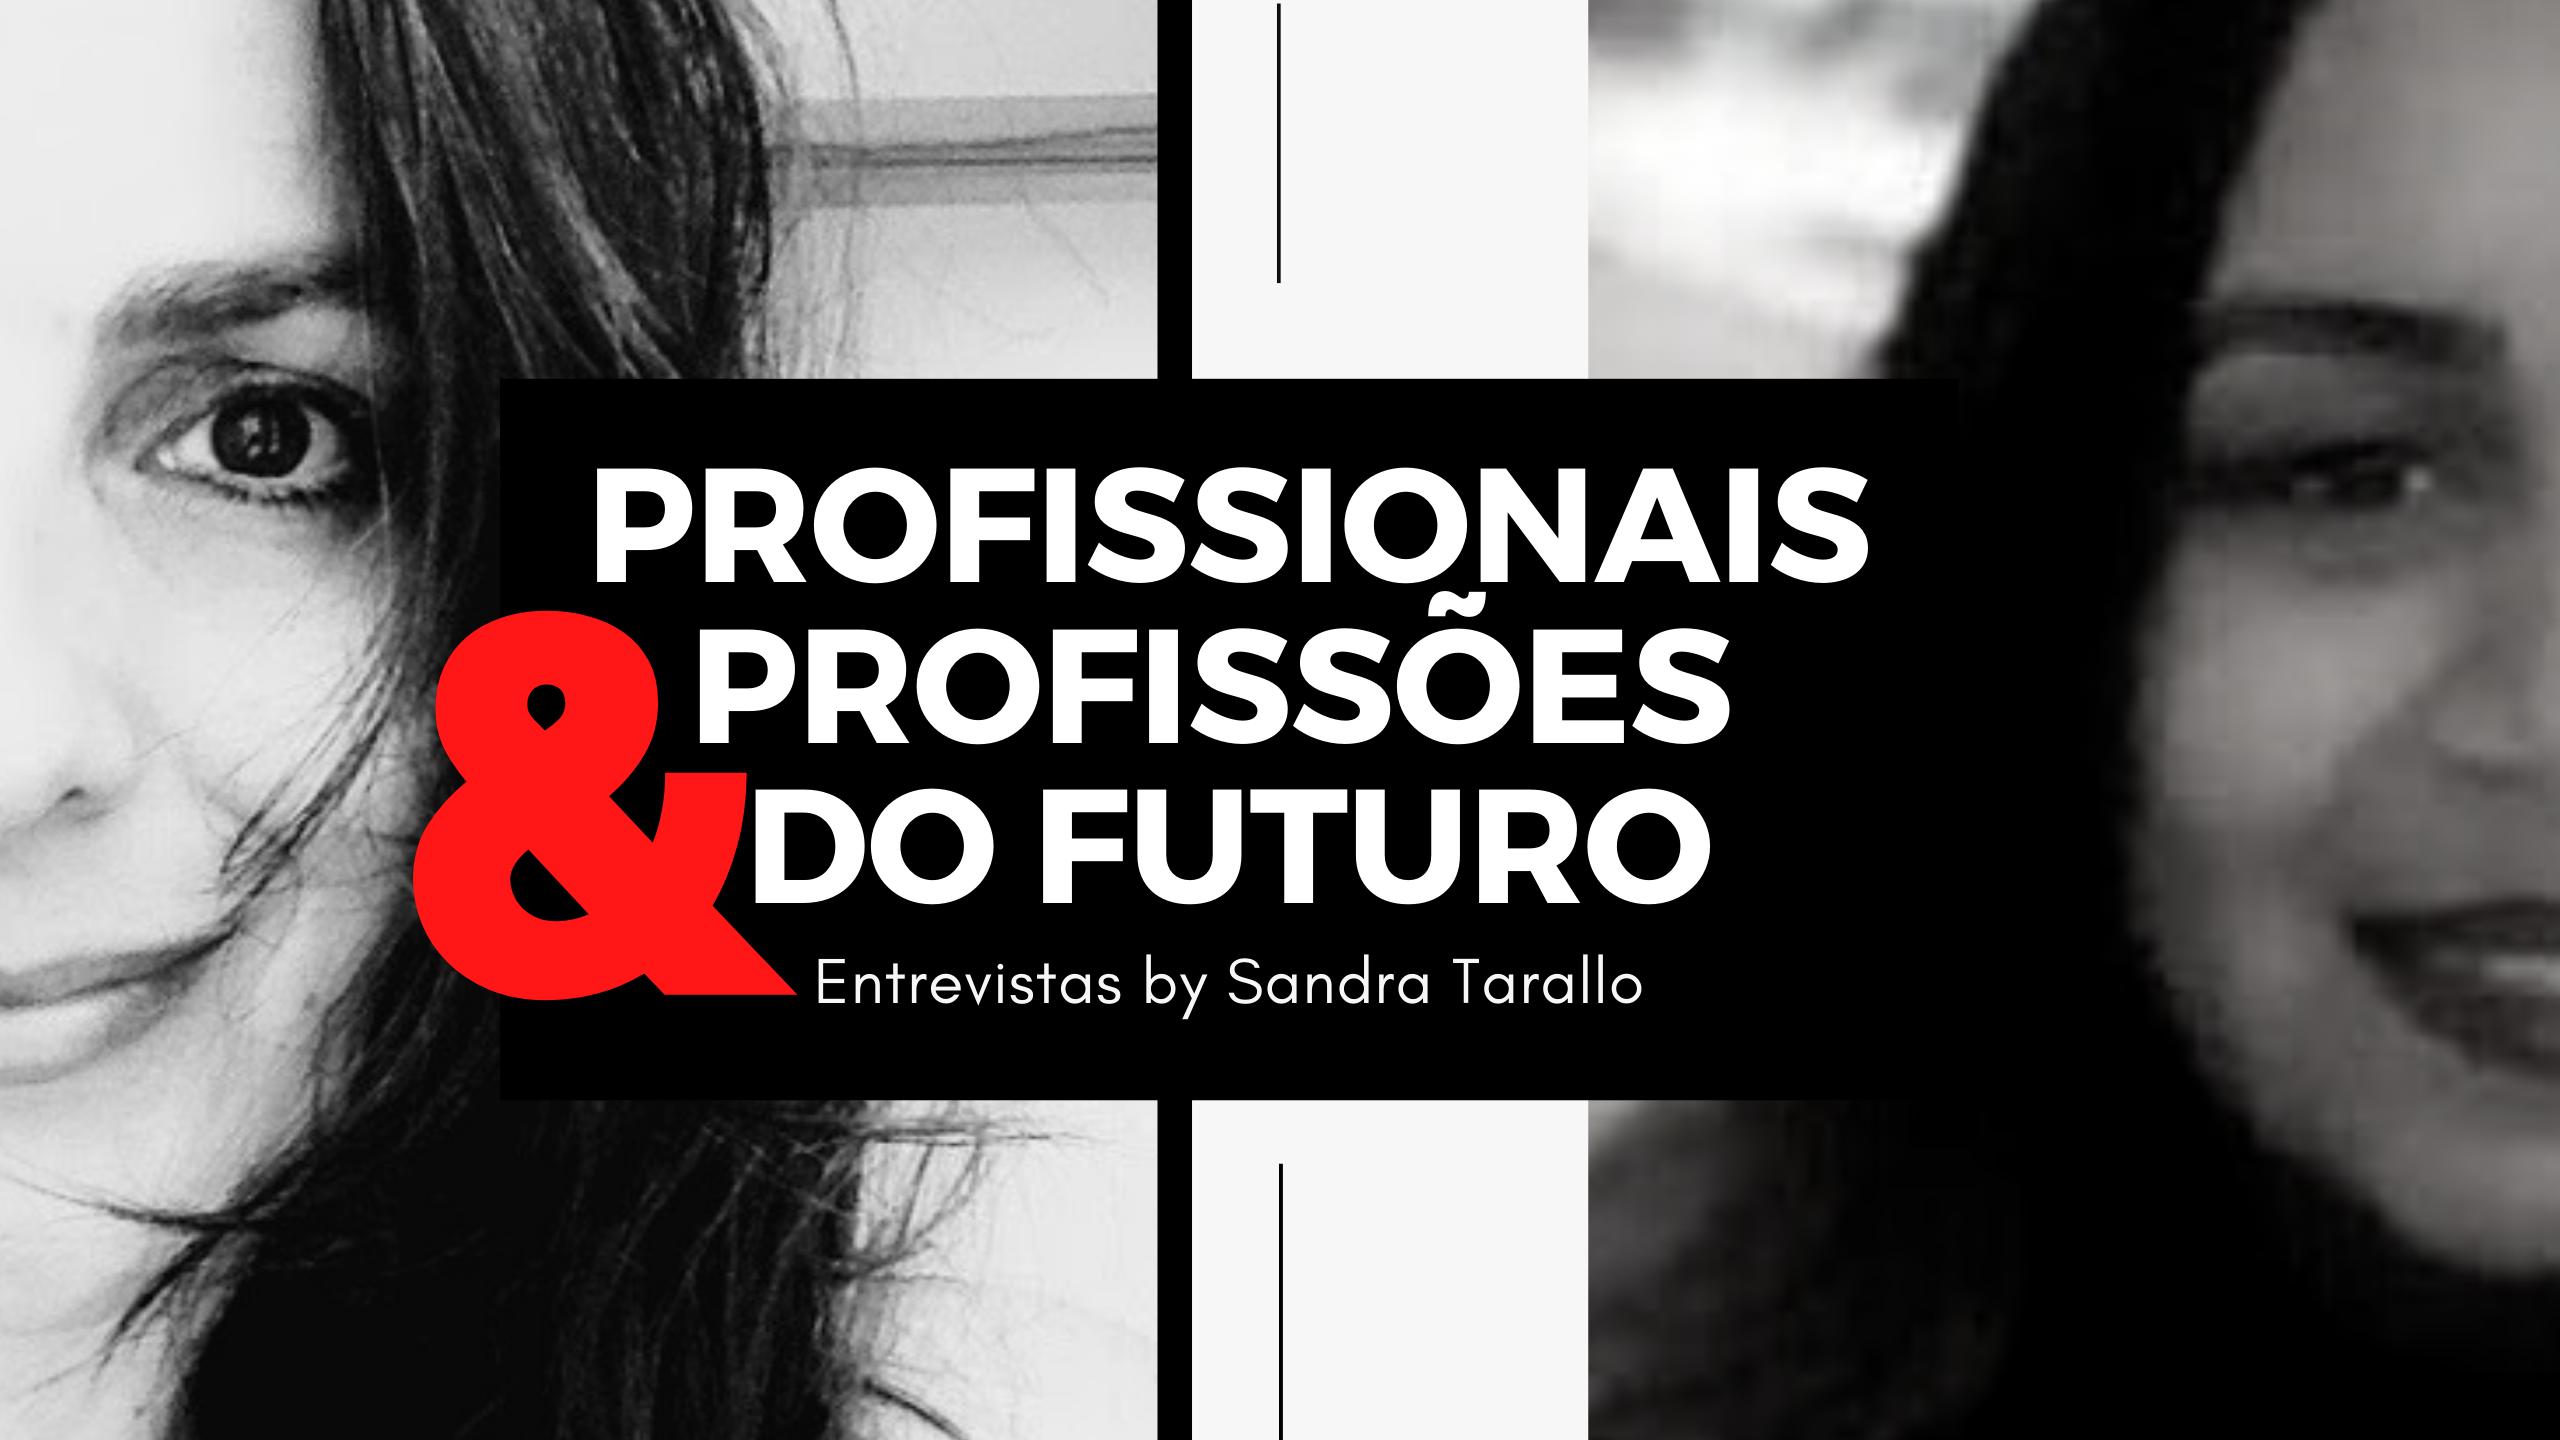 Profissionais Profissões do futuro secretariado juridico - Profissionais e Profissões do Futuro - Ingrid Rabêlo - Secretariado Remoto Jurídico